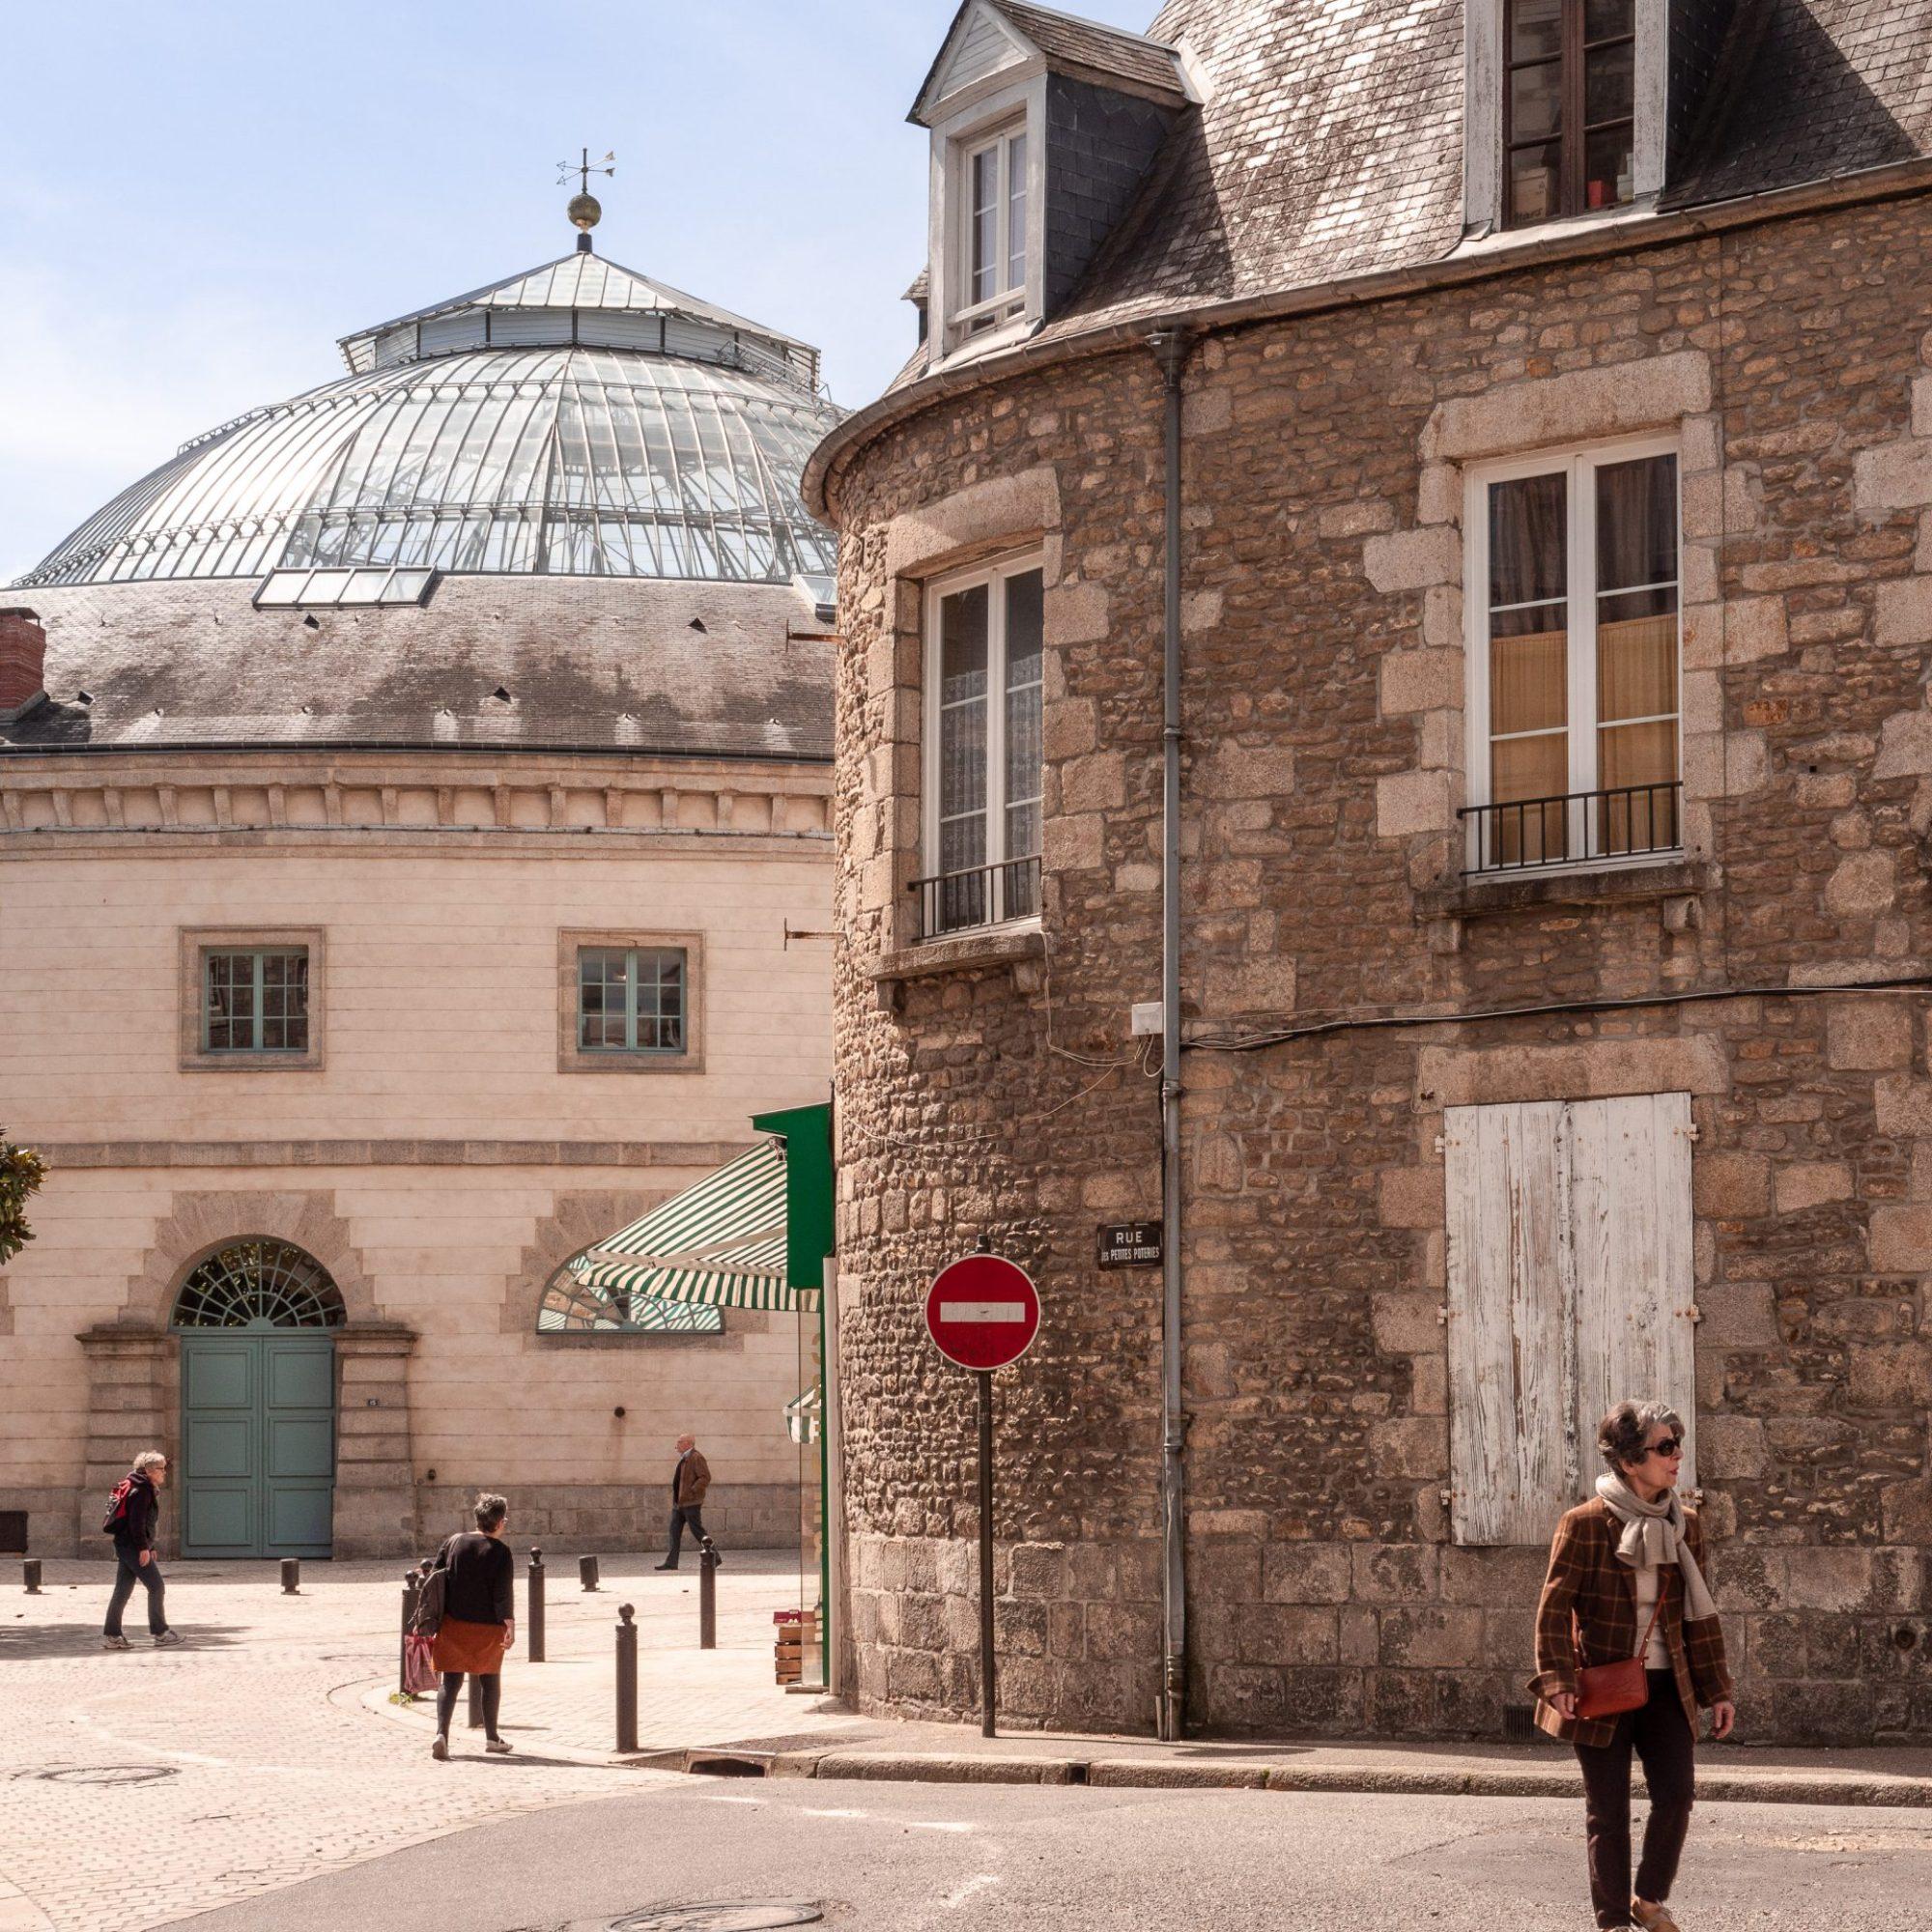 Quoi voir, quoi faire à Alençon en Normandie ? Notre guide pratique